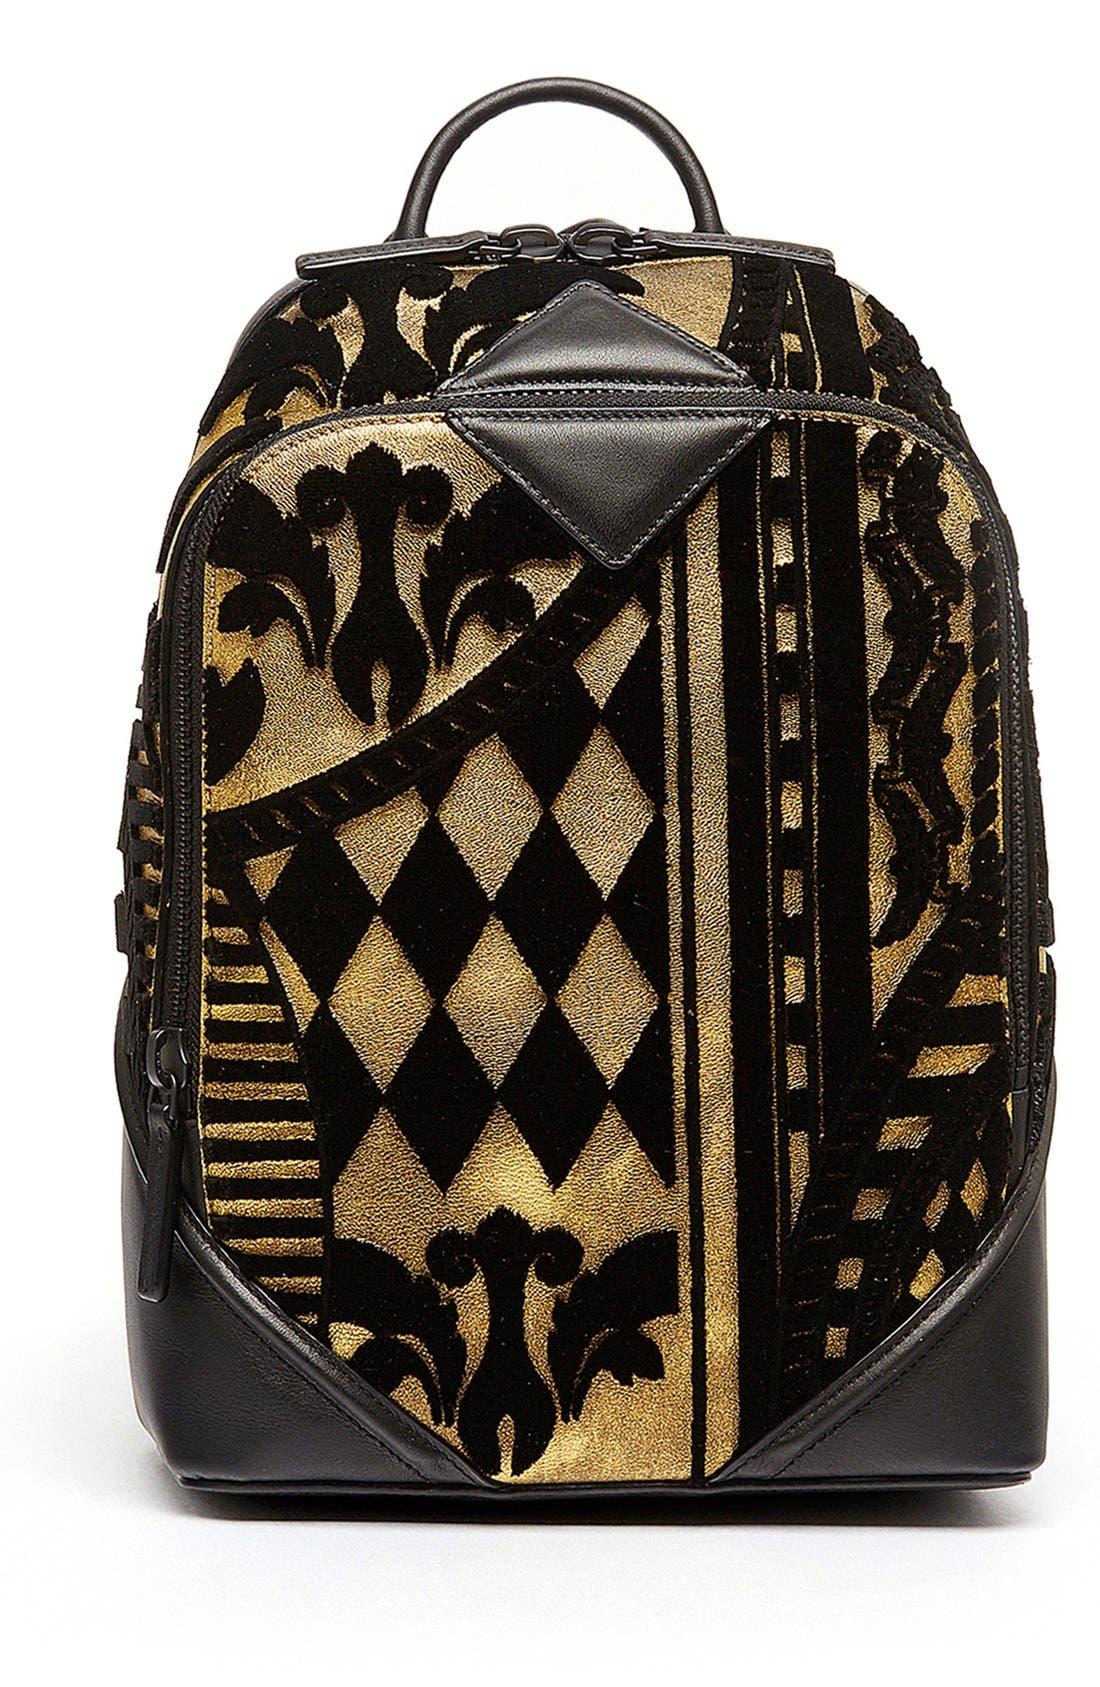 MCM, 'Duke Tapisserie' Goat Leather Backpack, Main thumbnail 1, color, 710